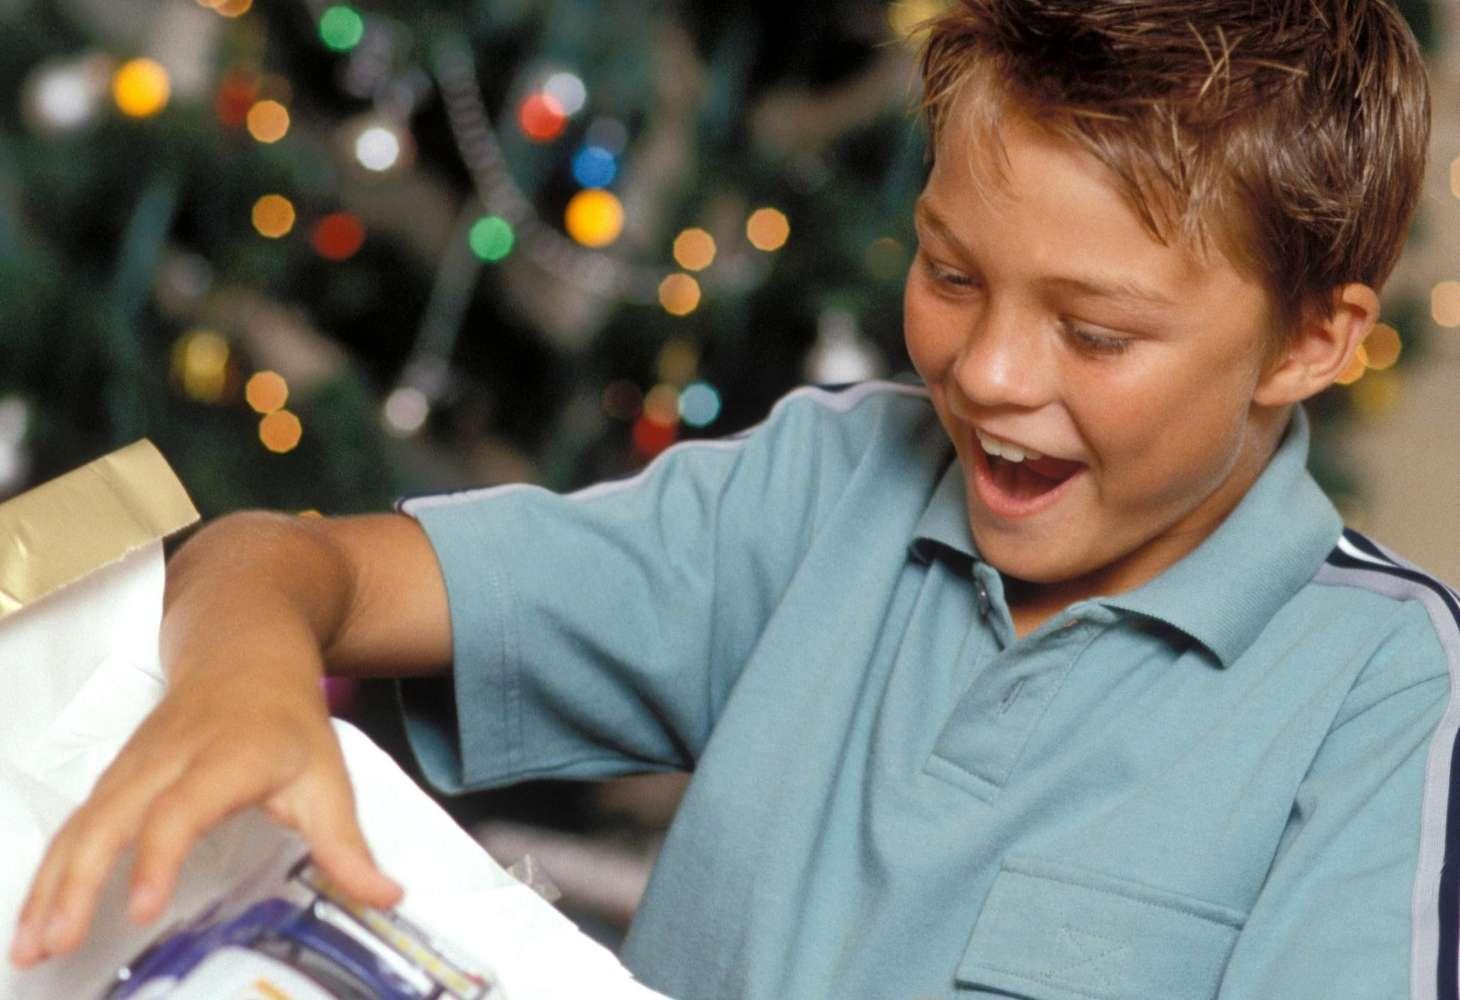 Adventskalender kopen voor jongens